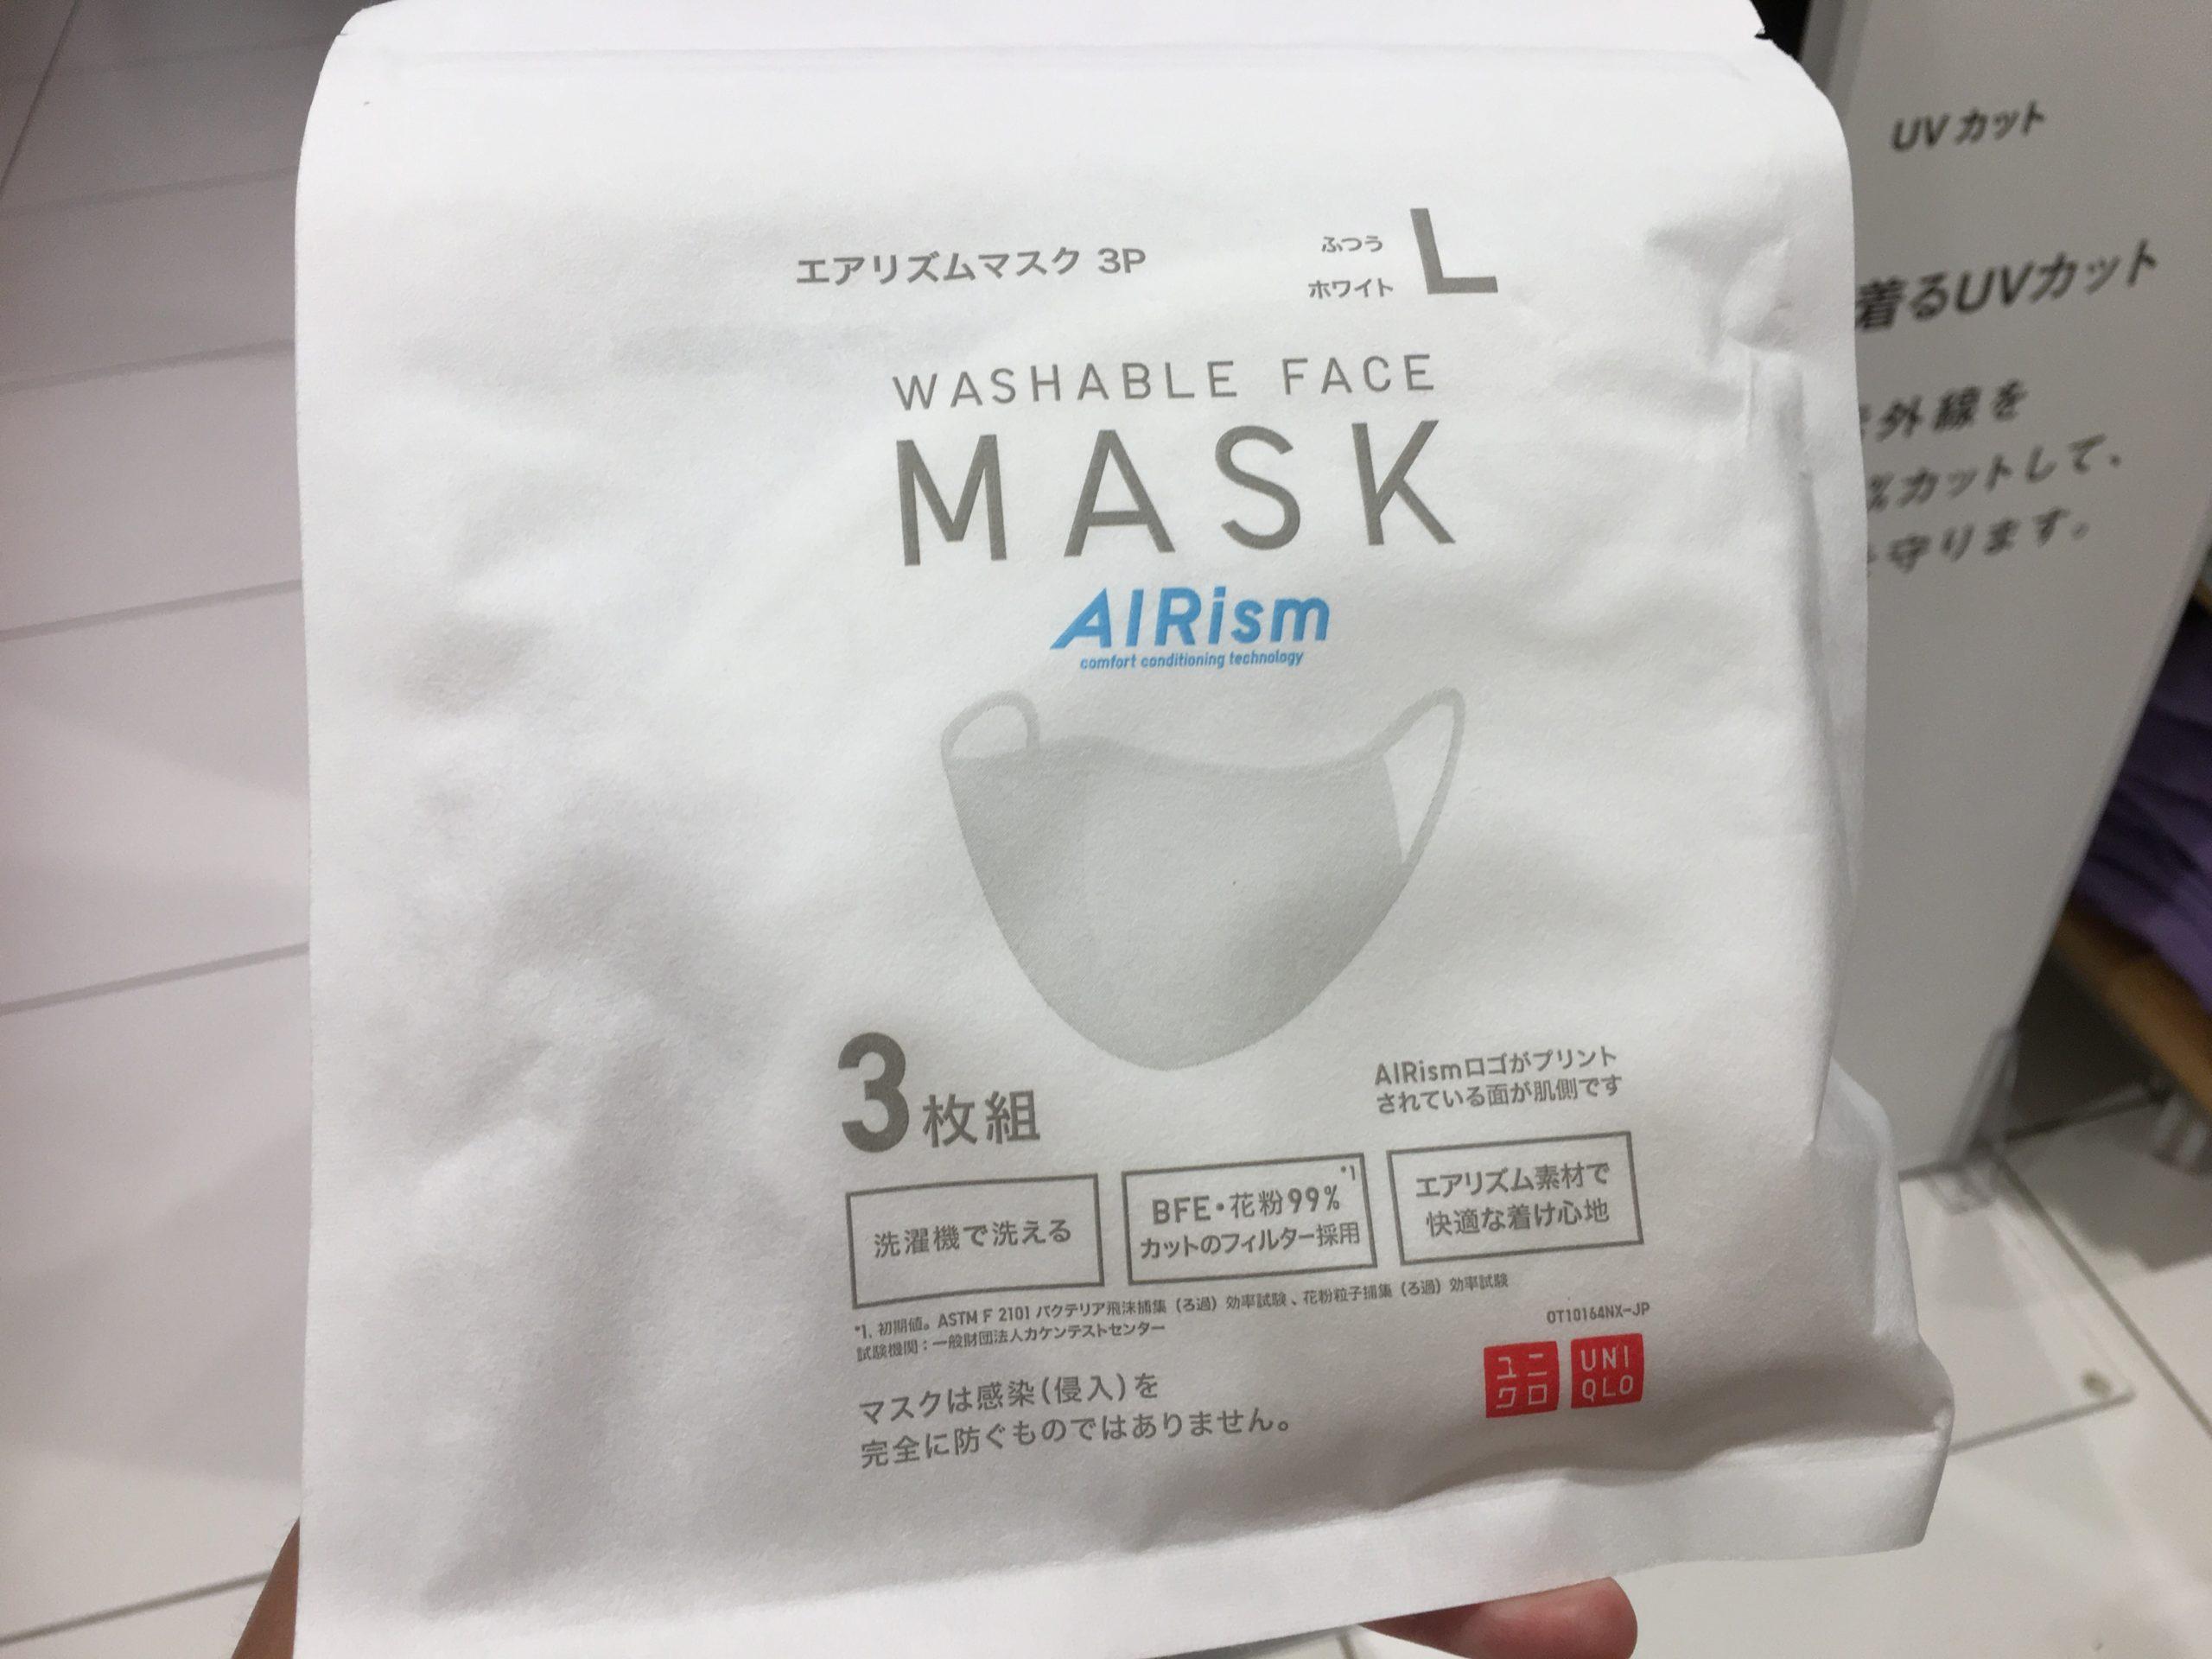 マスク 販売 予約 ユニクロ